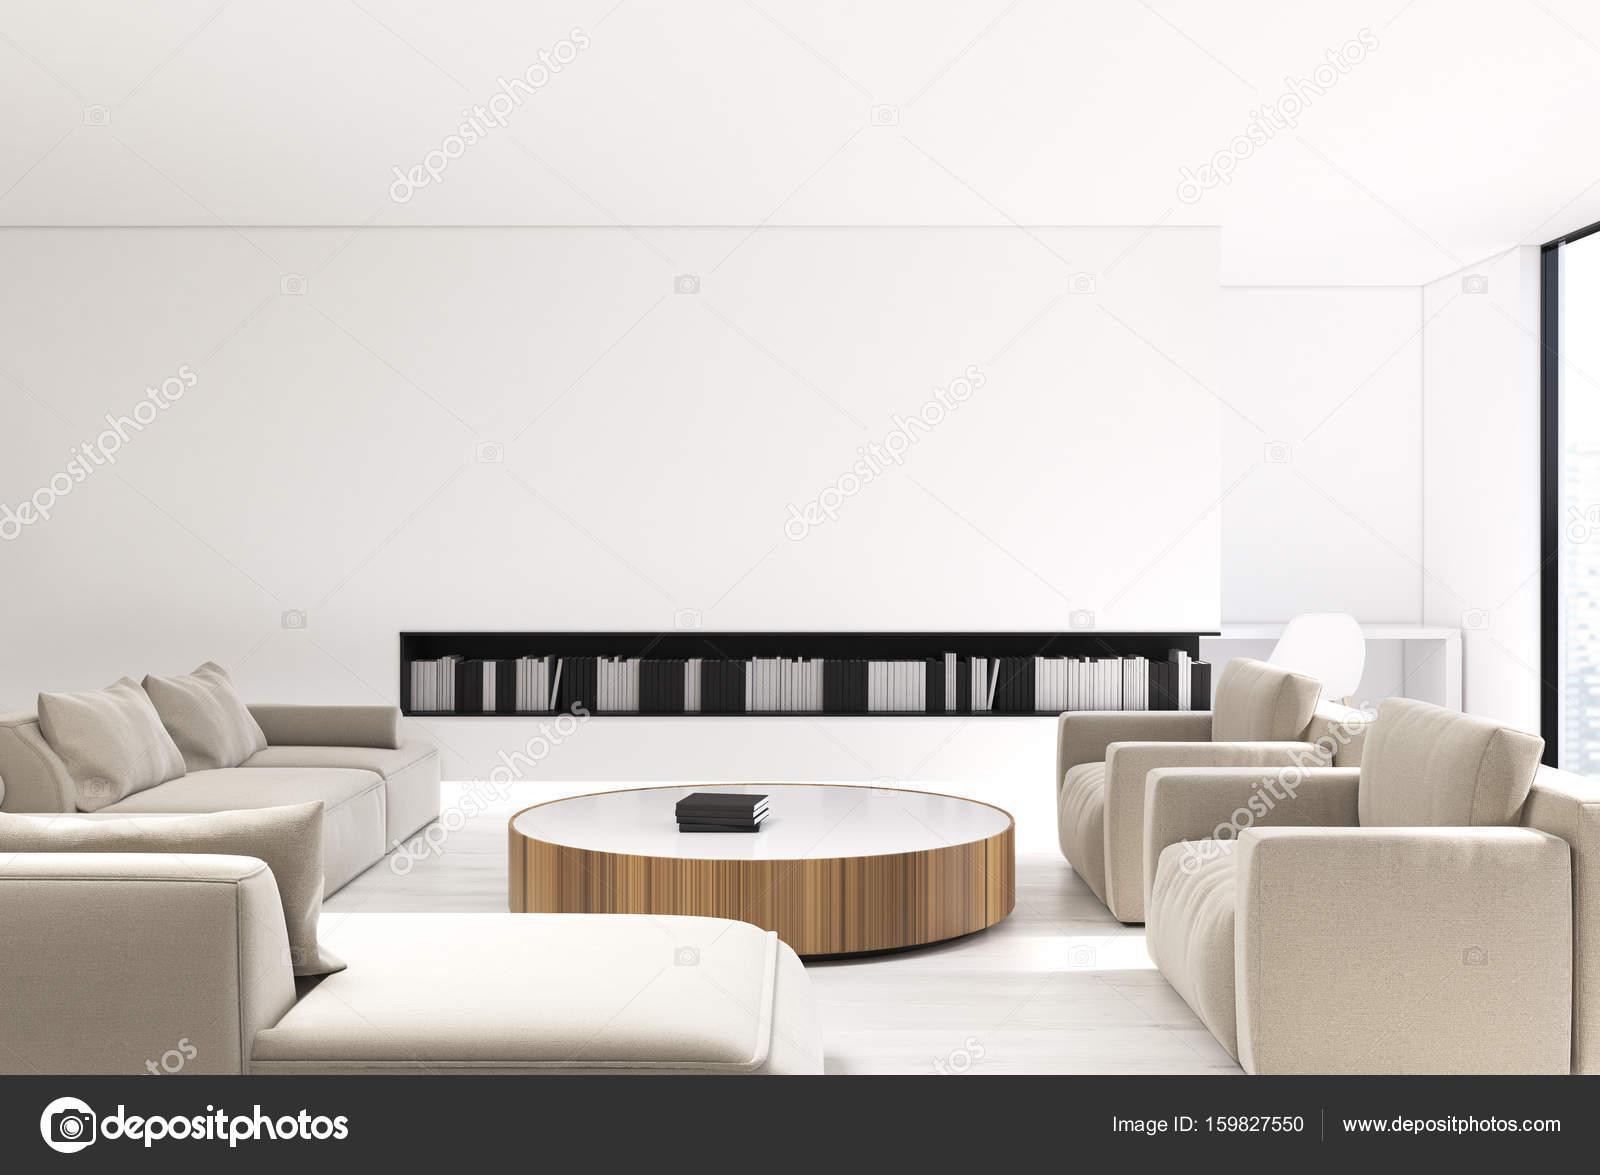 Weiße Wohnzimmer Interieur, Beige Sofa U2014 Stockfoto